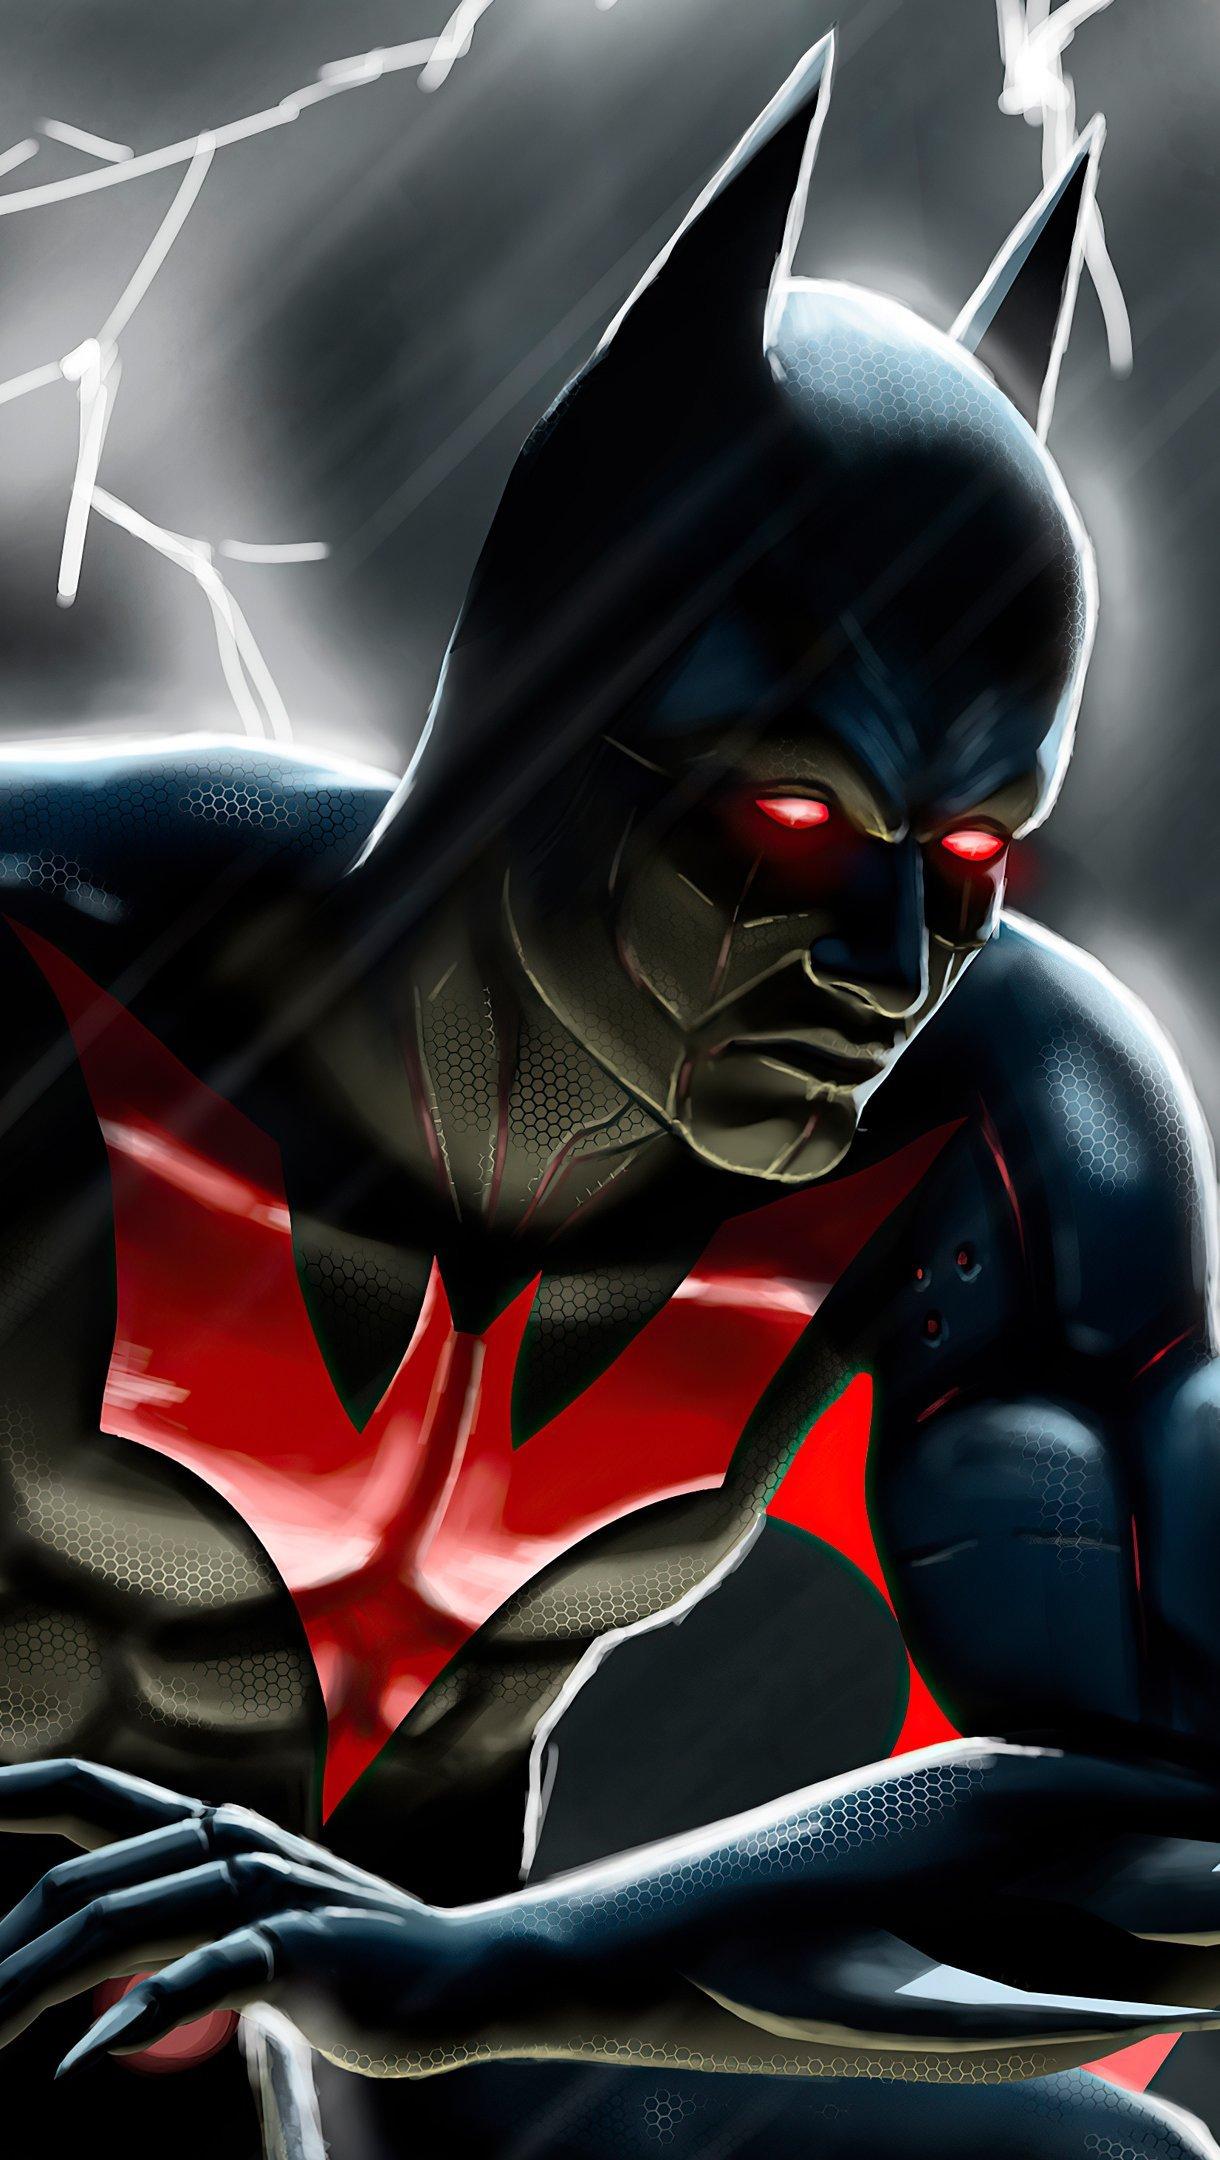 Fondos de pantalla Batman con traje negro y rojo Vertical